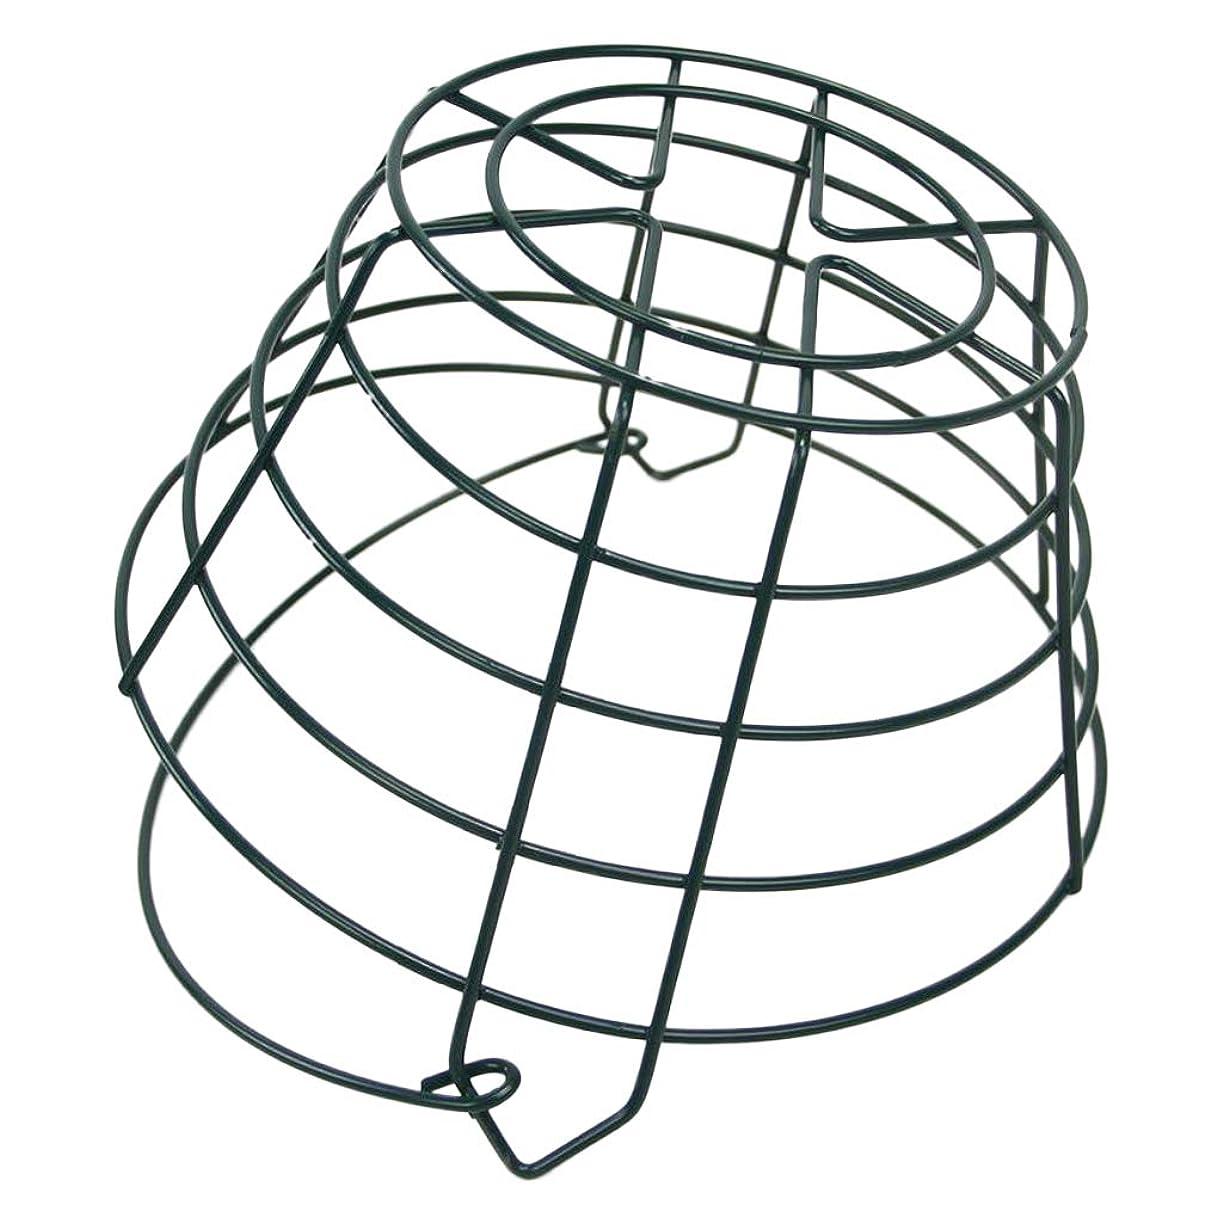 機械的ウィンク厚いDYNWAVE ゴルフ練習用 ゴルフボール ボールケース 収納バスケット コンテナ 持ち運び 全2サイズ - フィット30ボール